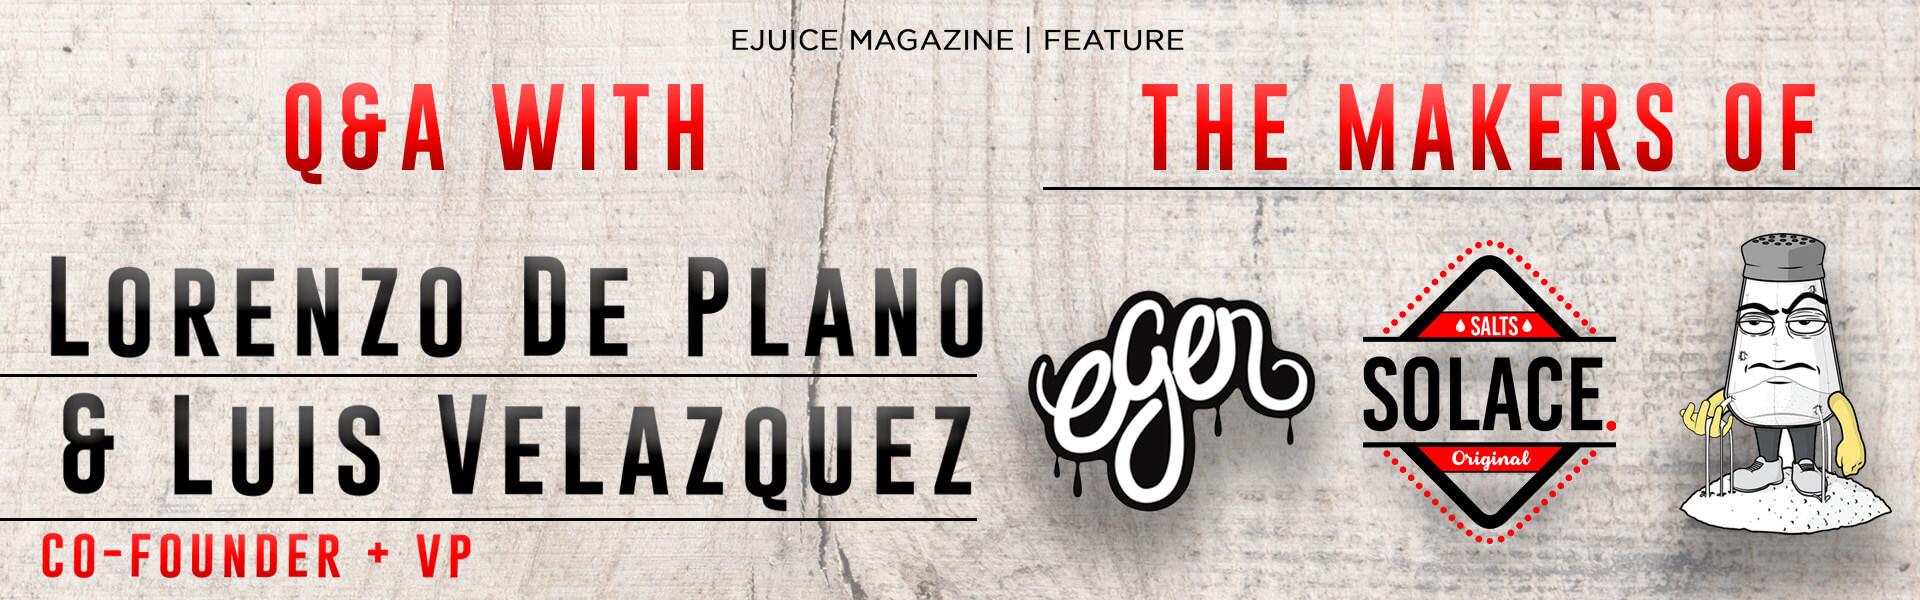 egen solace interview lorenzo delano and luis velazquez april ejuice magazine wide image